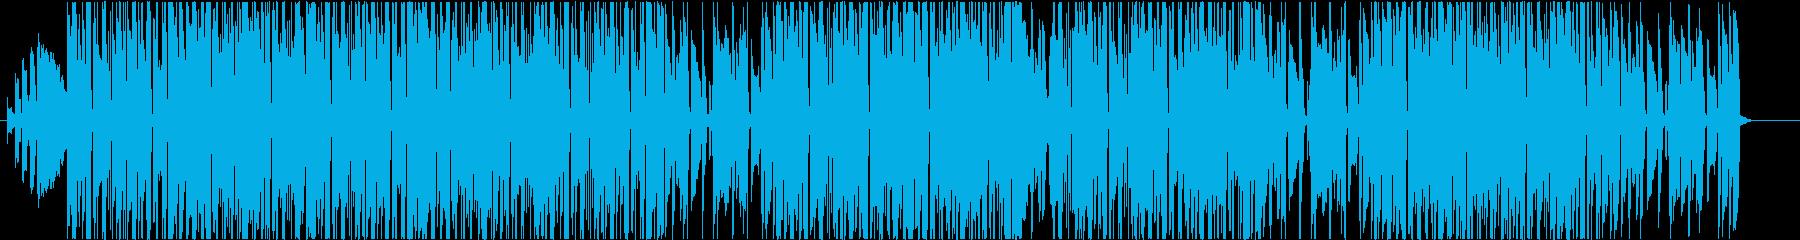 洋楽、全米最新ヒップホップサウンド♪の再生済みの波形